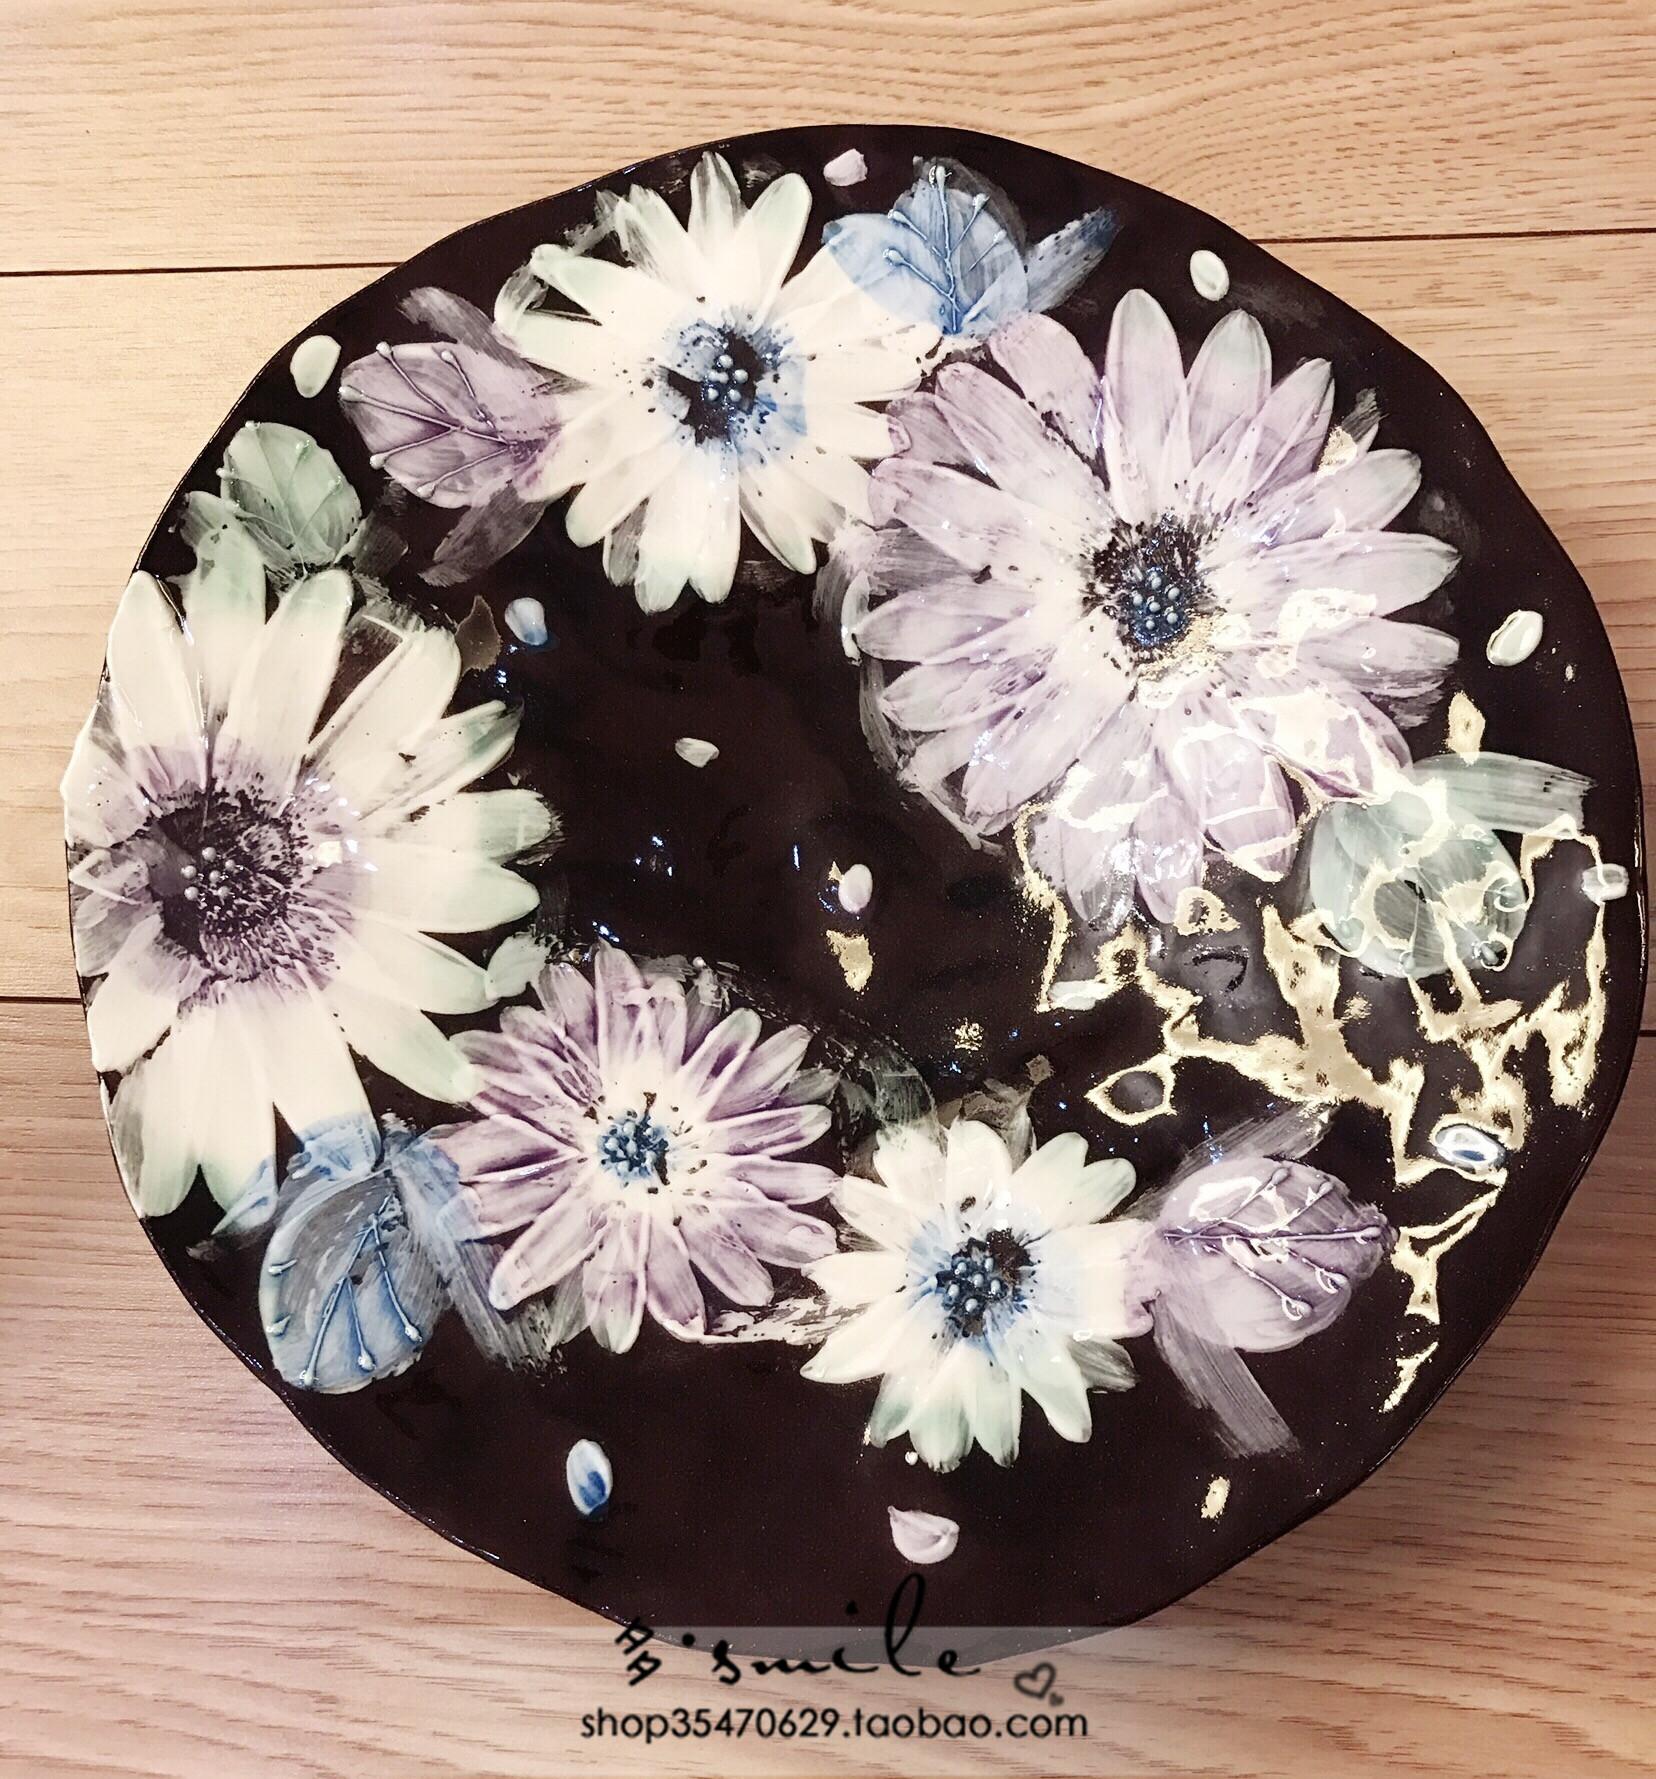 现货日本进口濑户烧繁花人工手绘釉下彩波斯菊日式料理大盘装饰盘